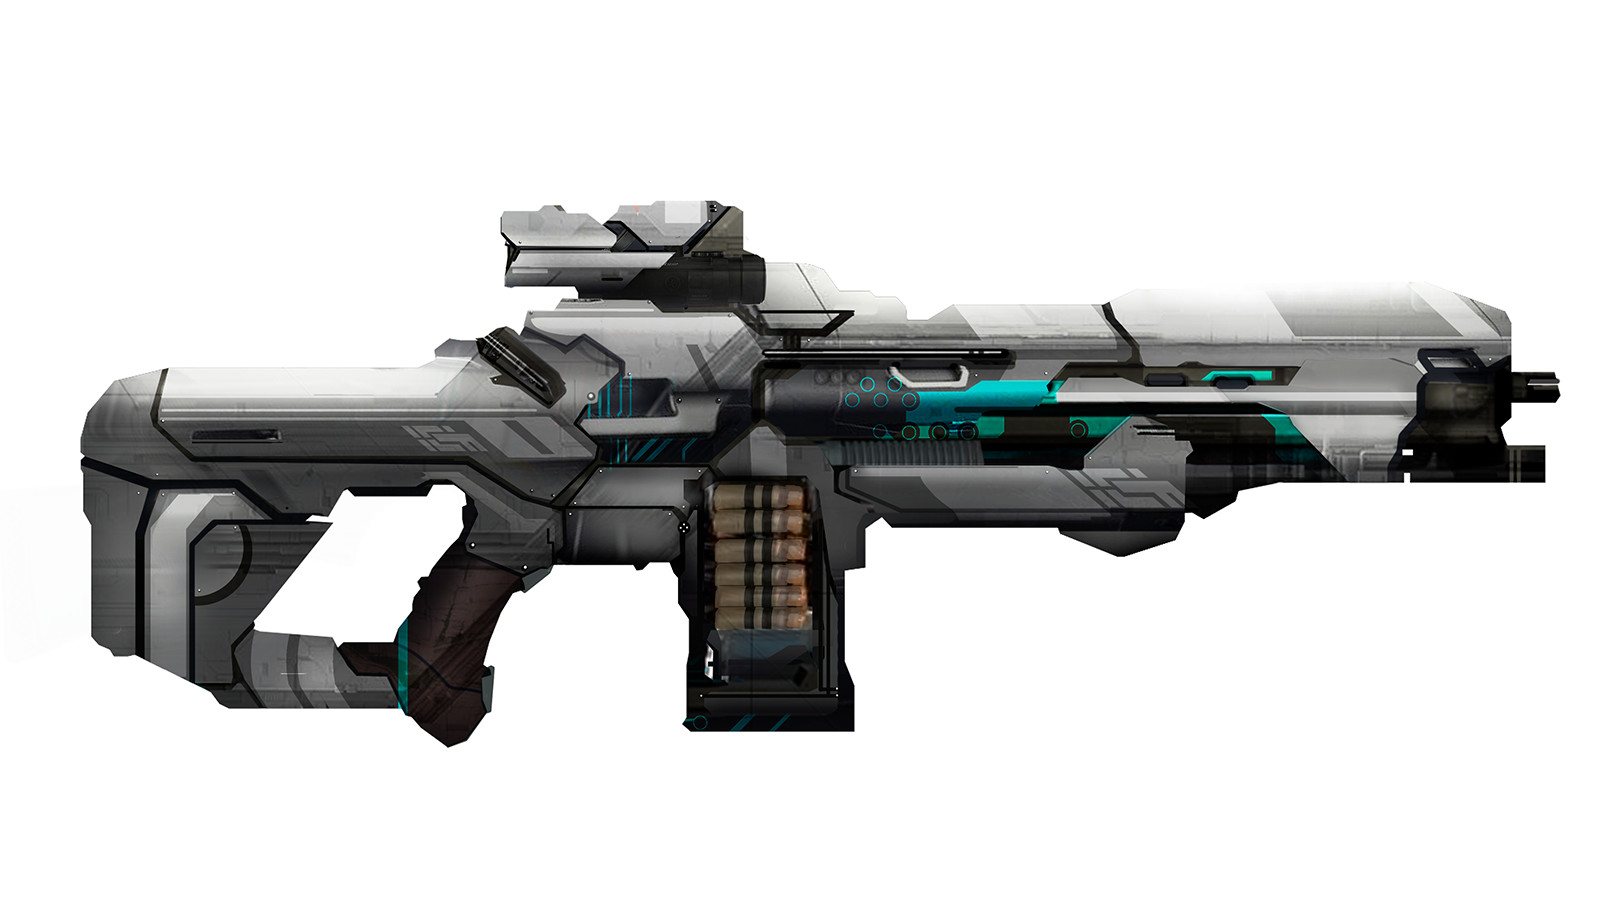 Image result for rifle futuristic gun concept art